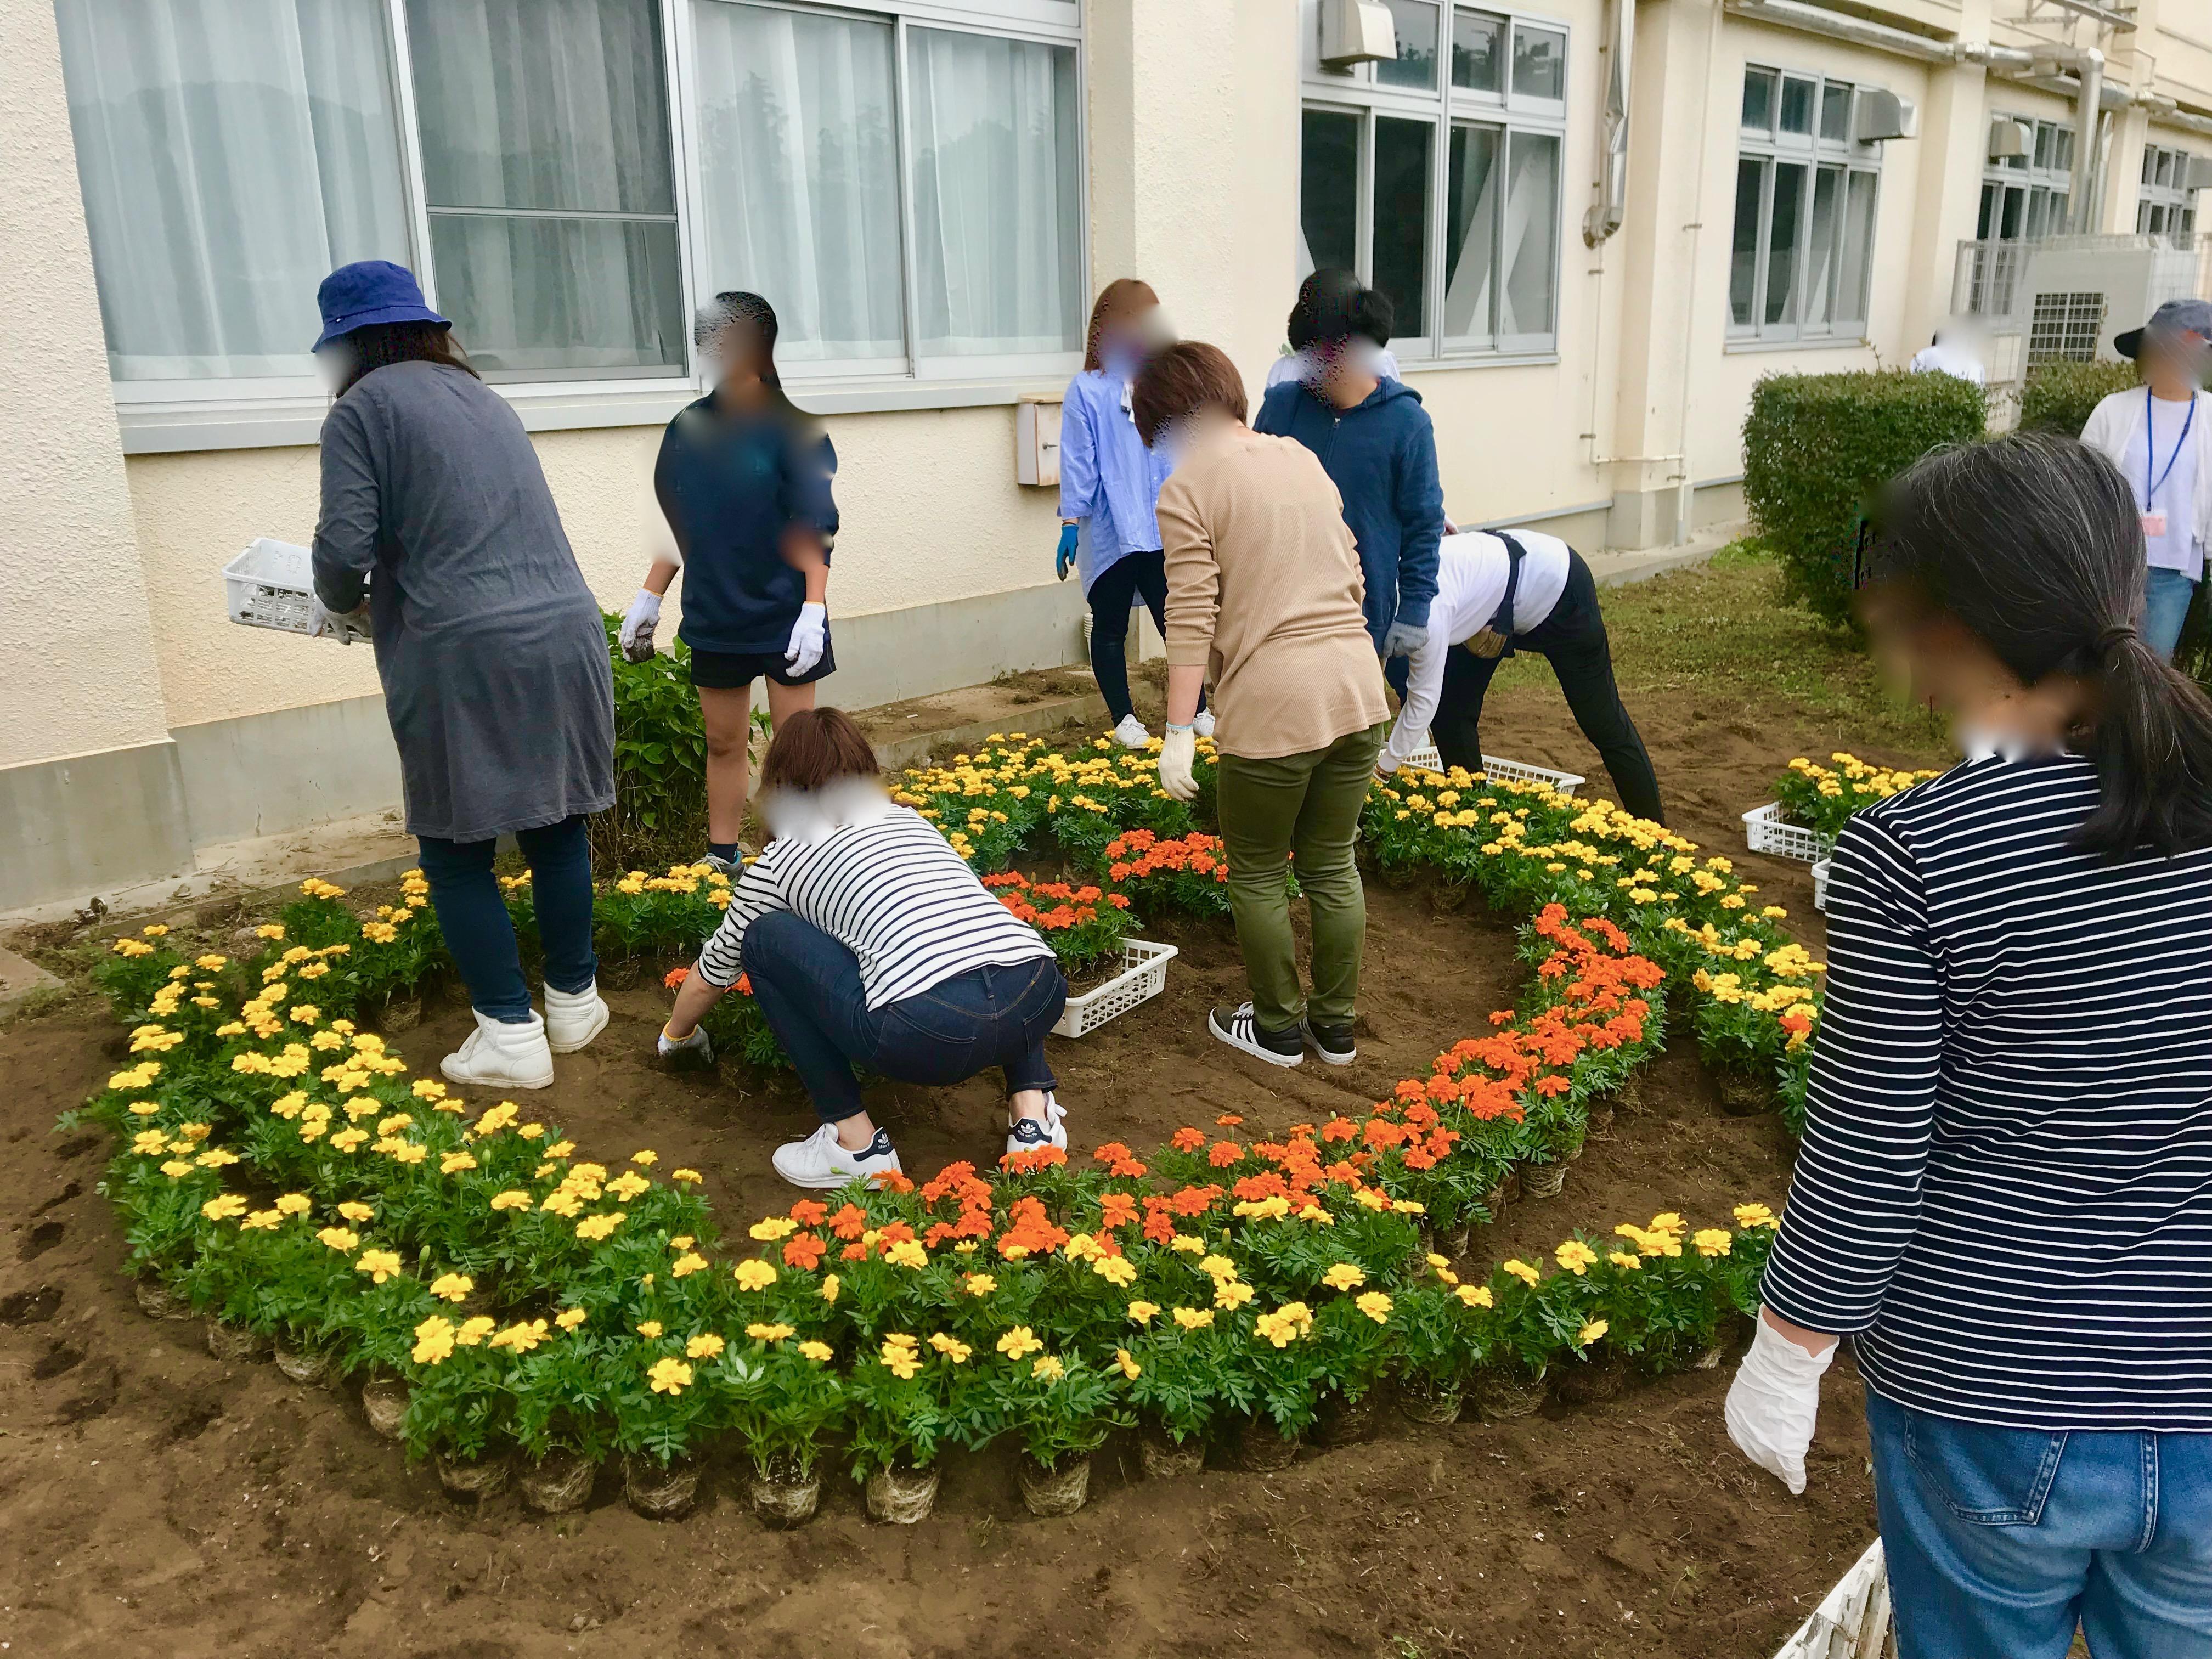 花壇に花を植える参加者たち